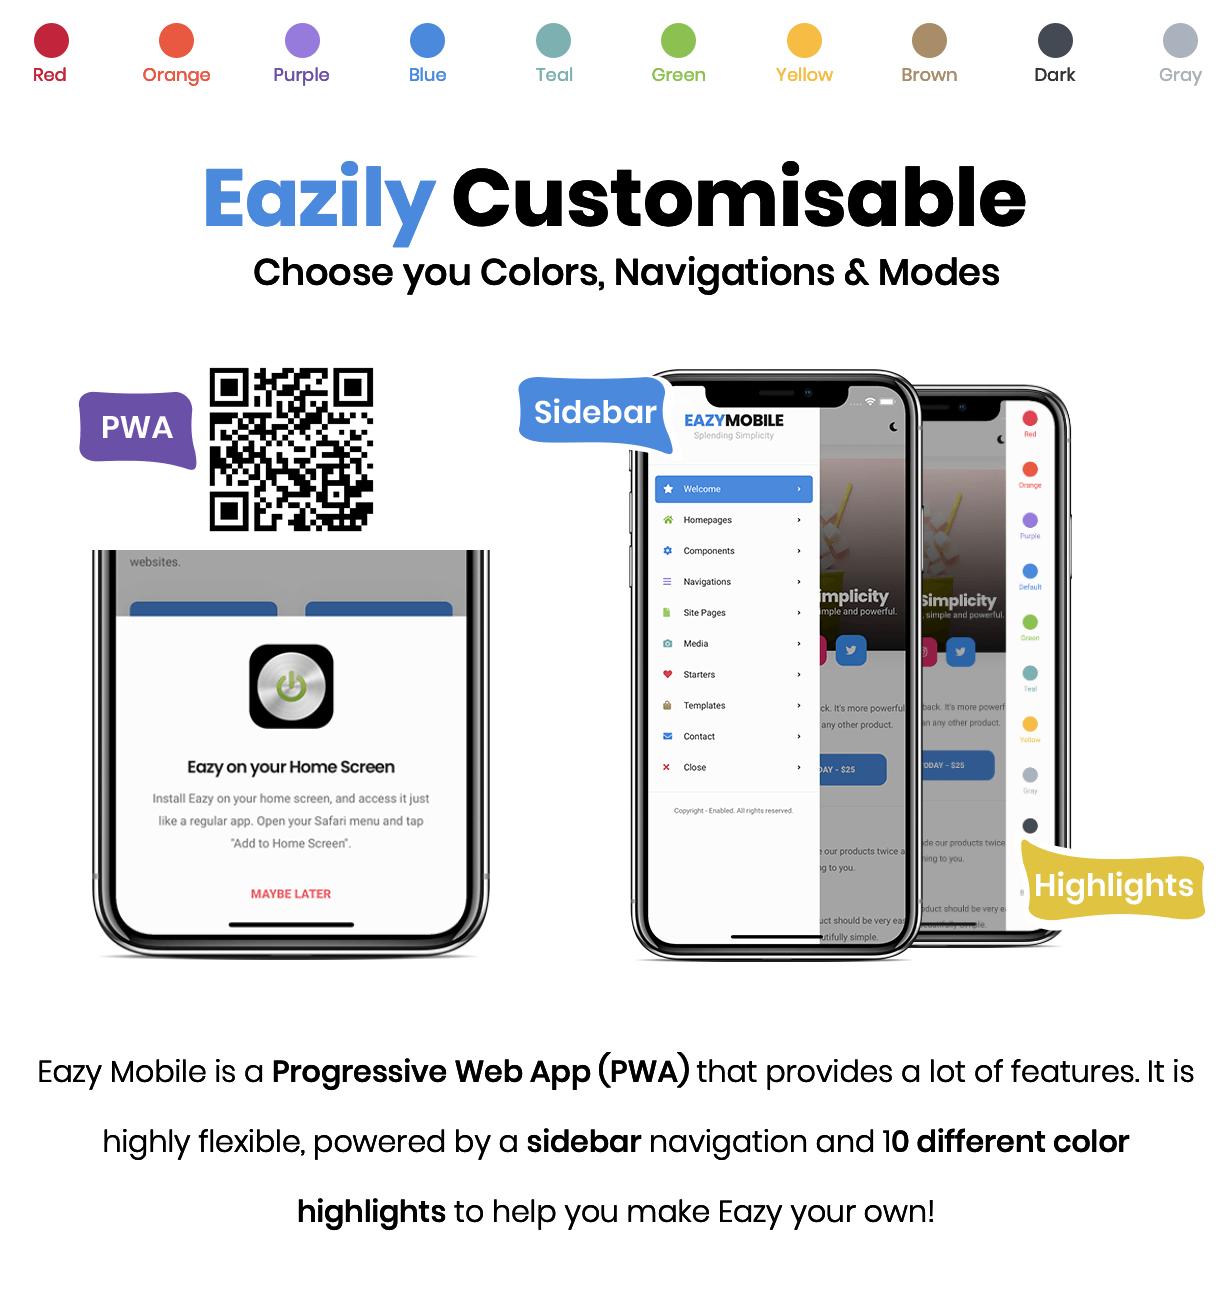 eazy2 - Eazy Mobile